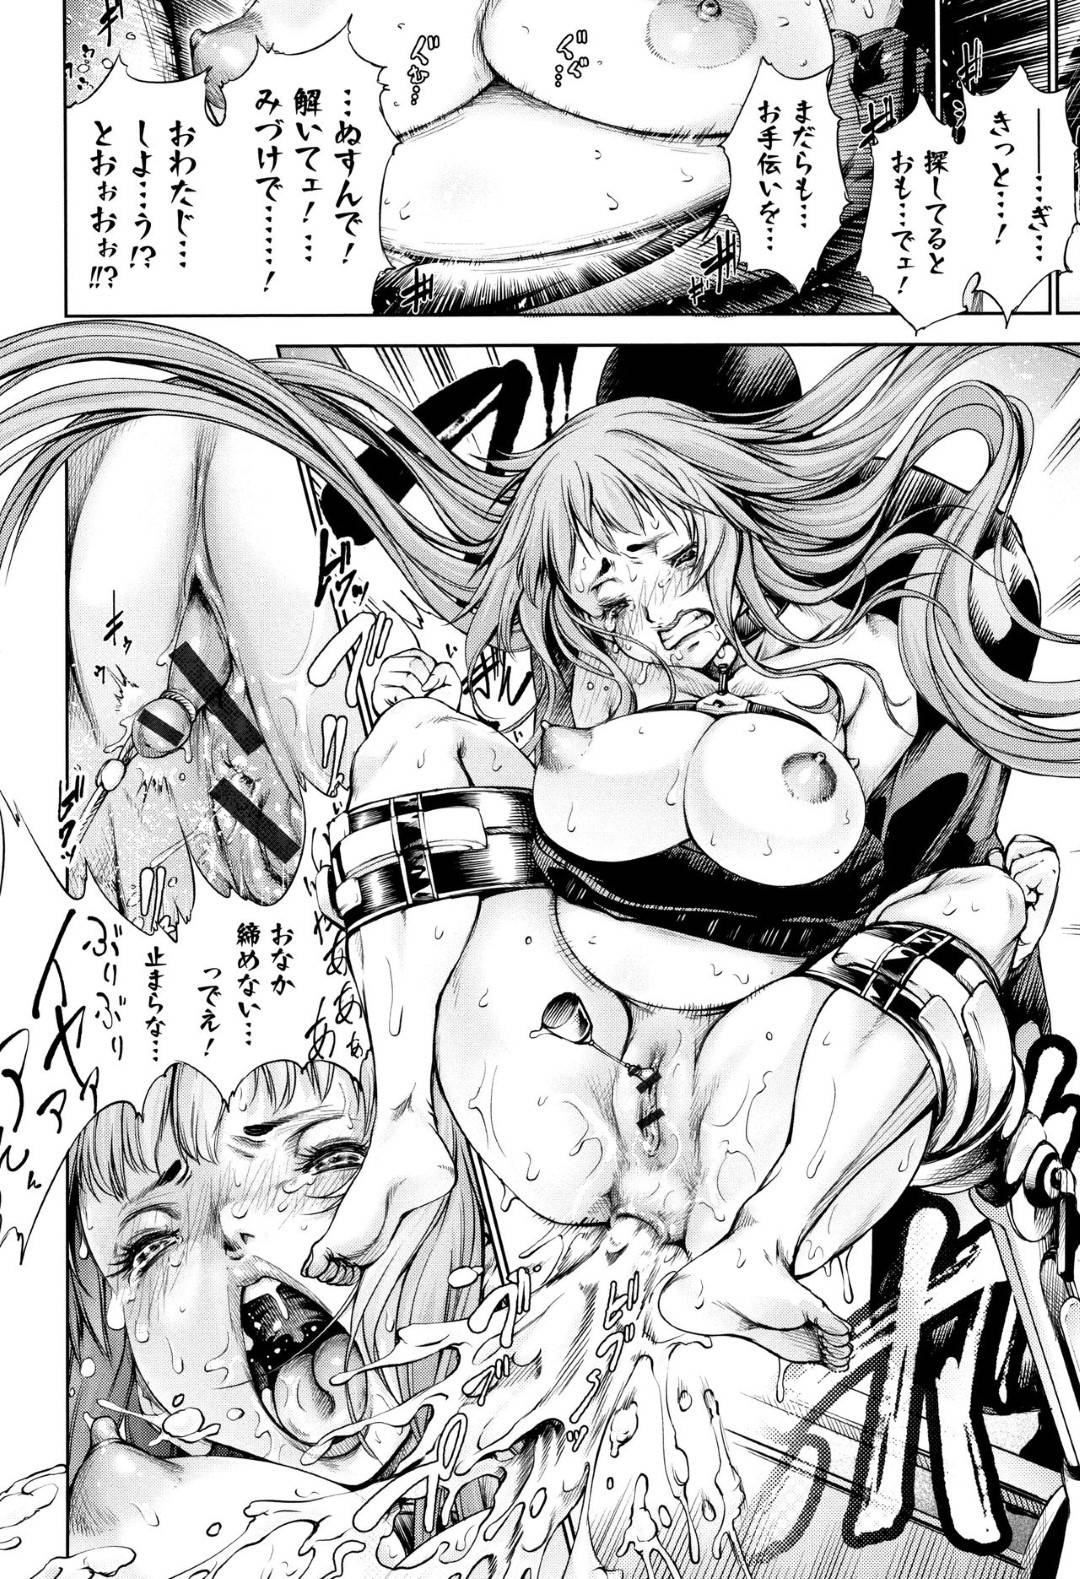 【エロ漫画】彼女持ちの主人公をおっぱいで誘惑する爆乳JD…誘惑に負けてしまった彼に彼女にパイズリさせたり、欲望に任せて正常位やバックなどの体位で浮気セックスしまくる!